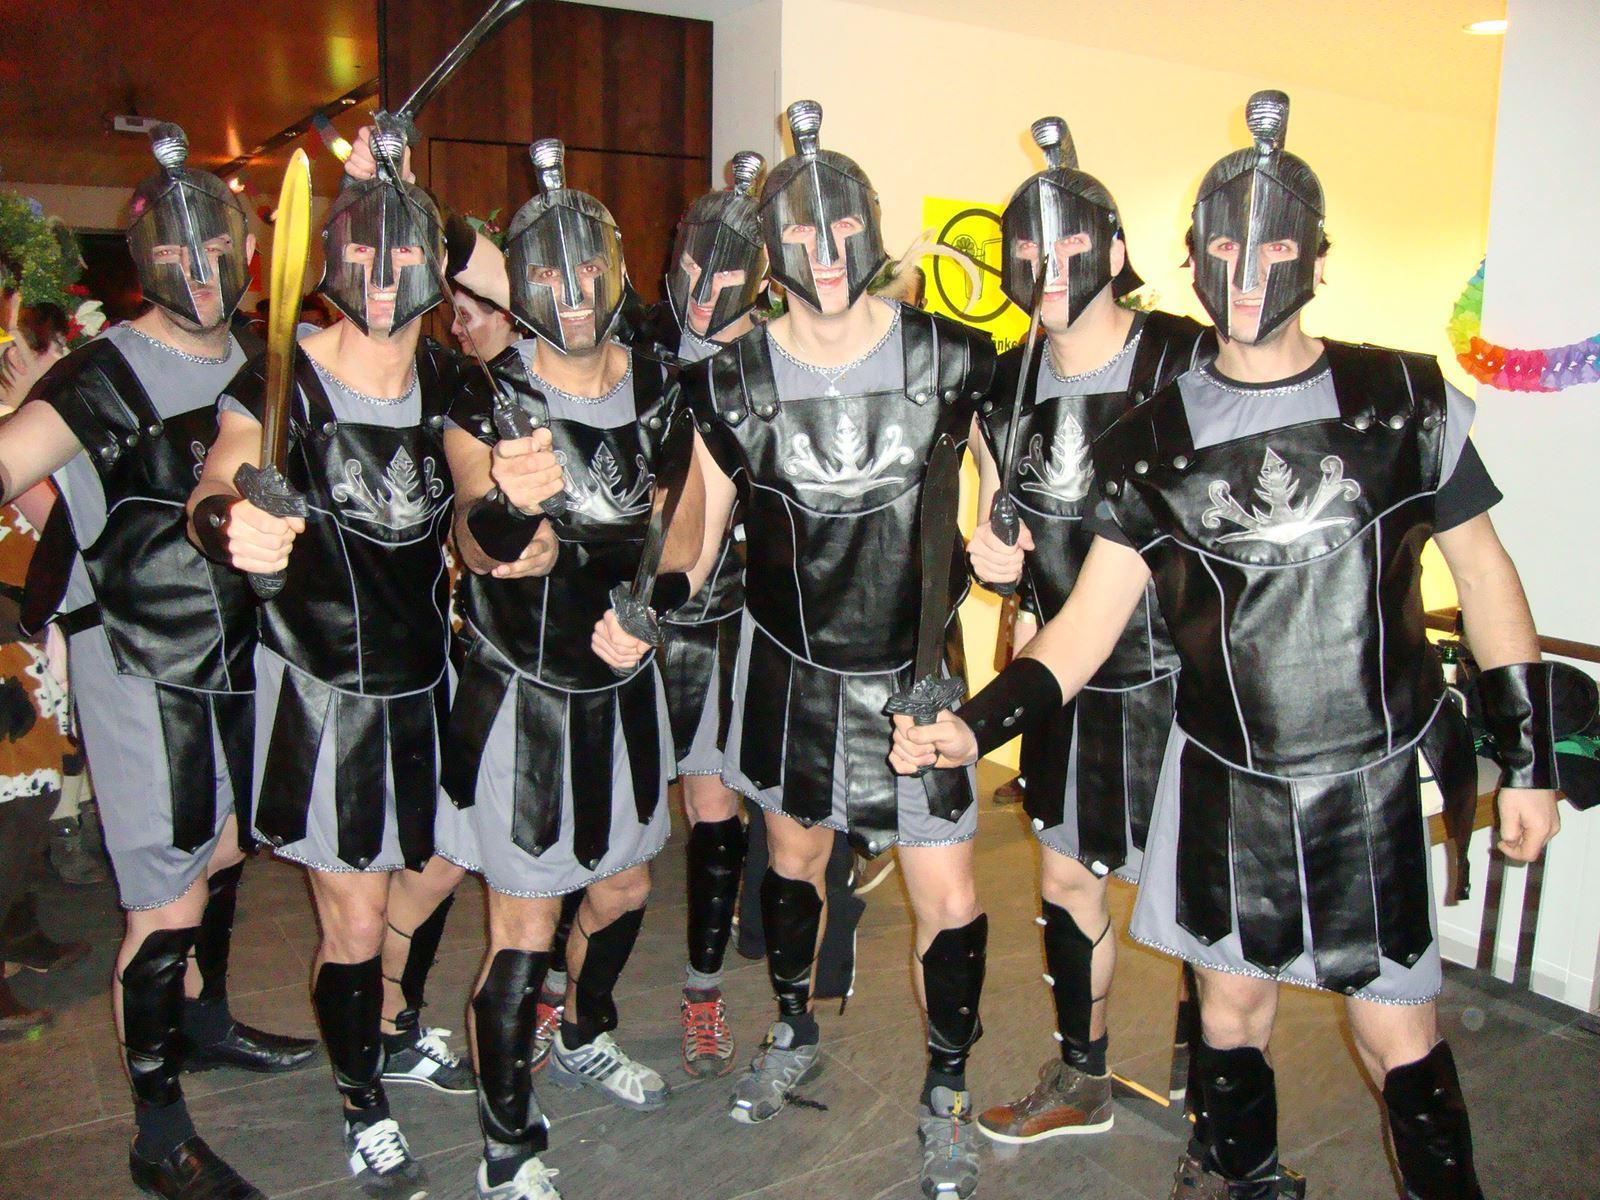 2015-02-14 Faschingsball BMK Hippach (2).JPG